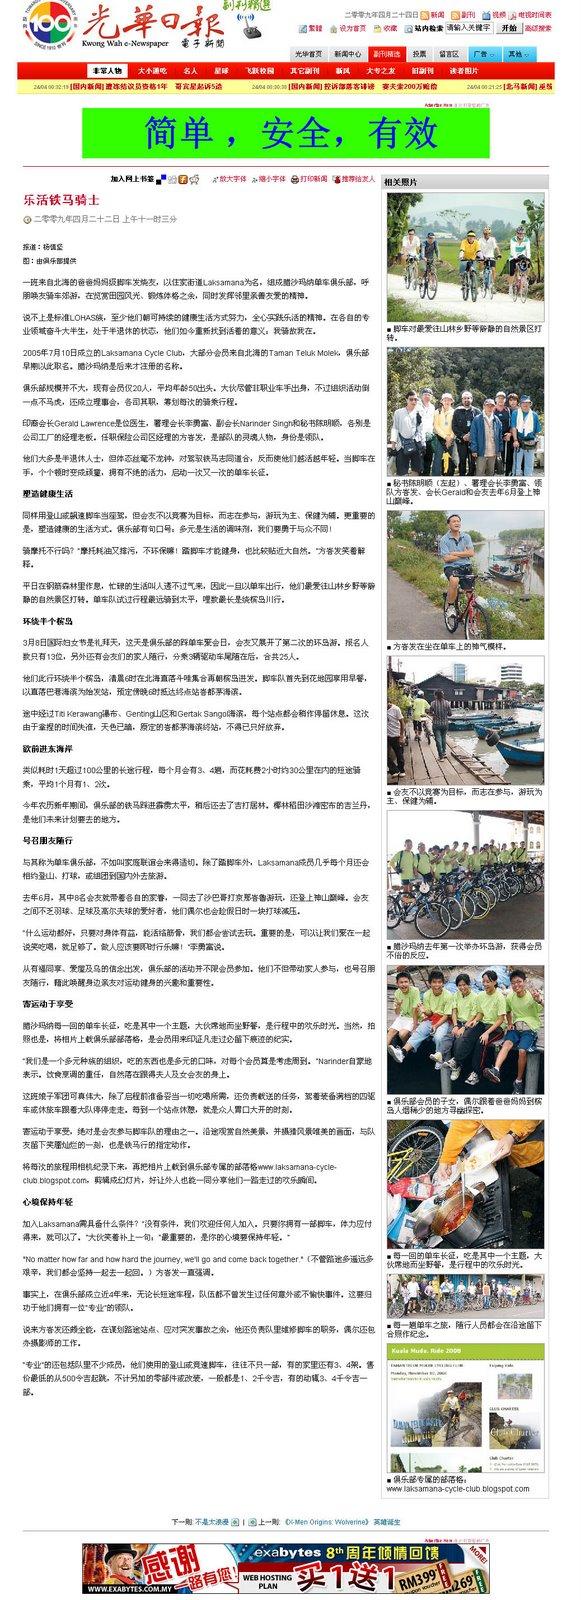 Kwangwah e-news